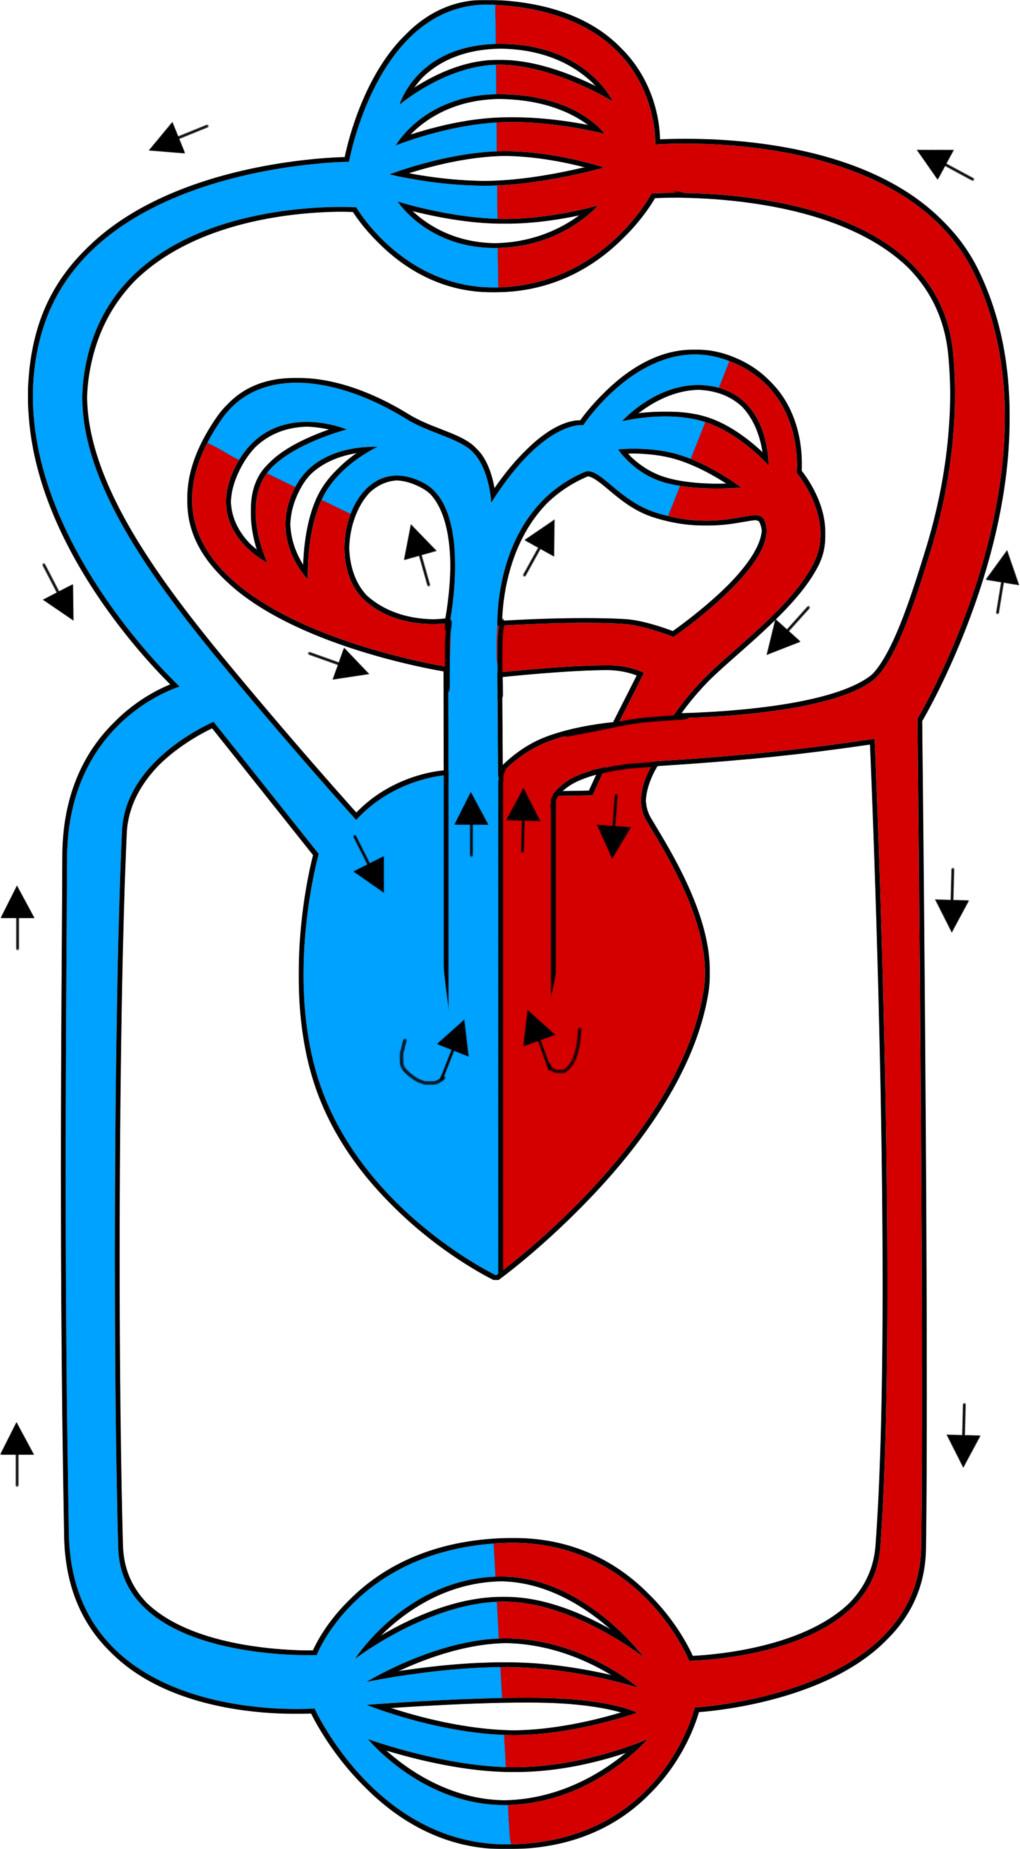 Blutkreislauf.jpg